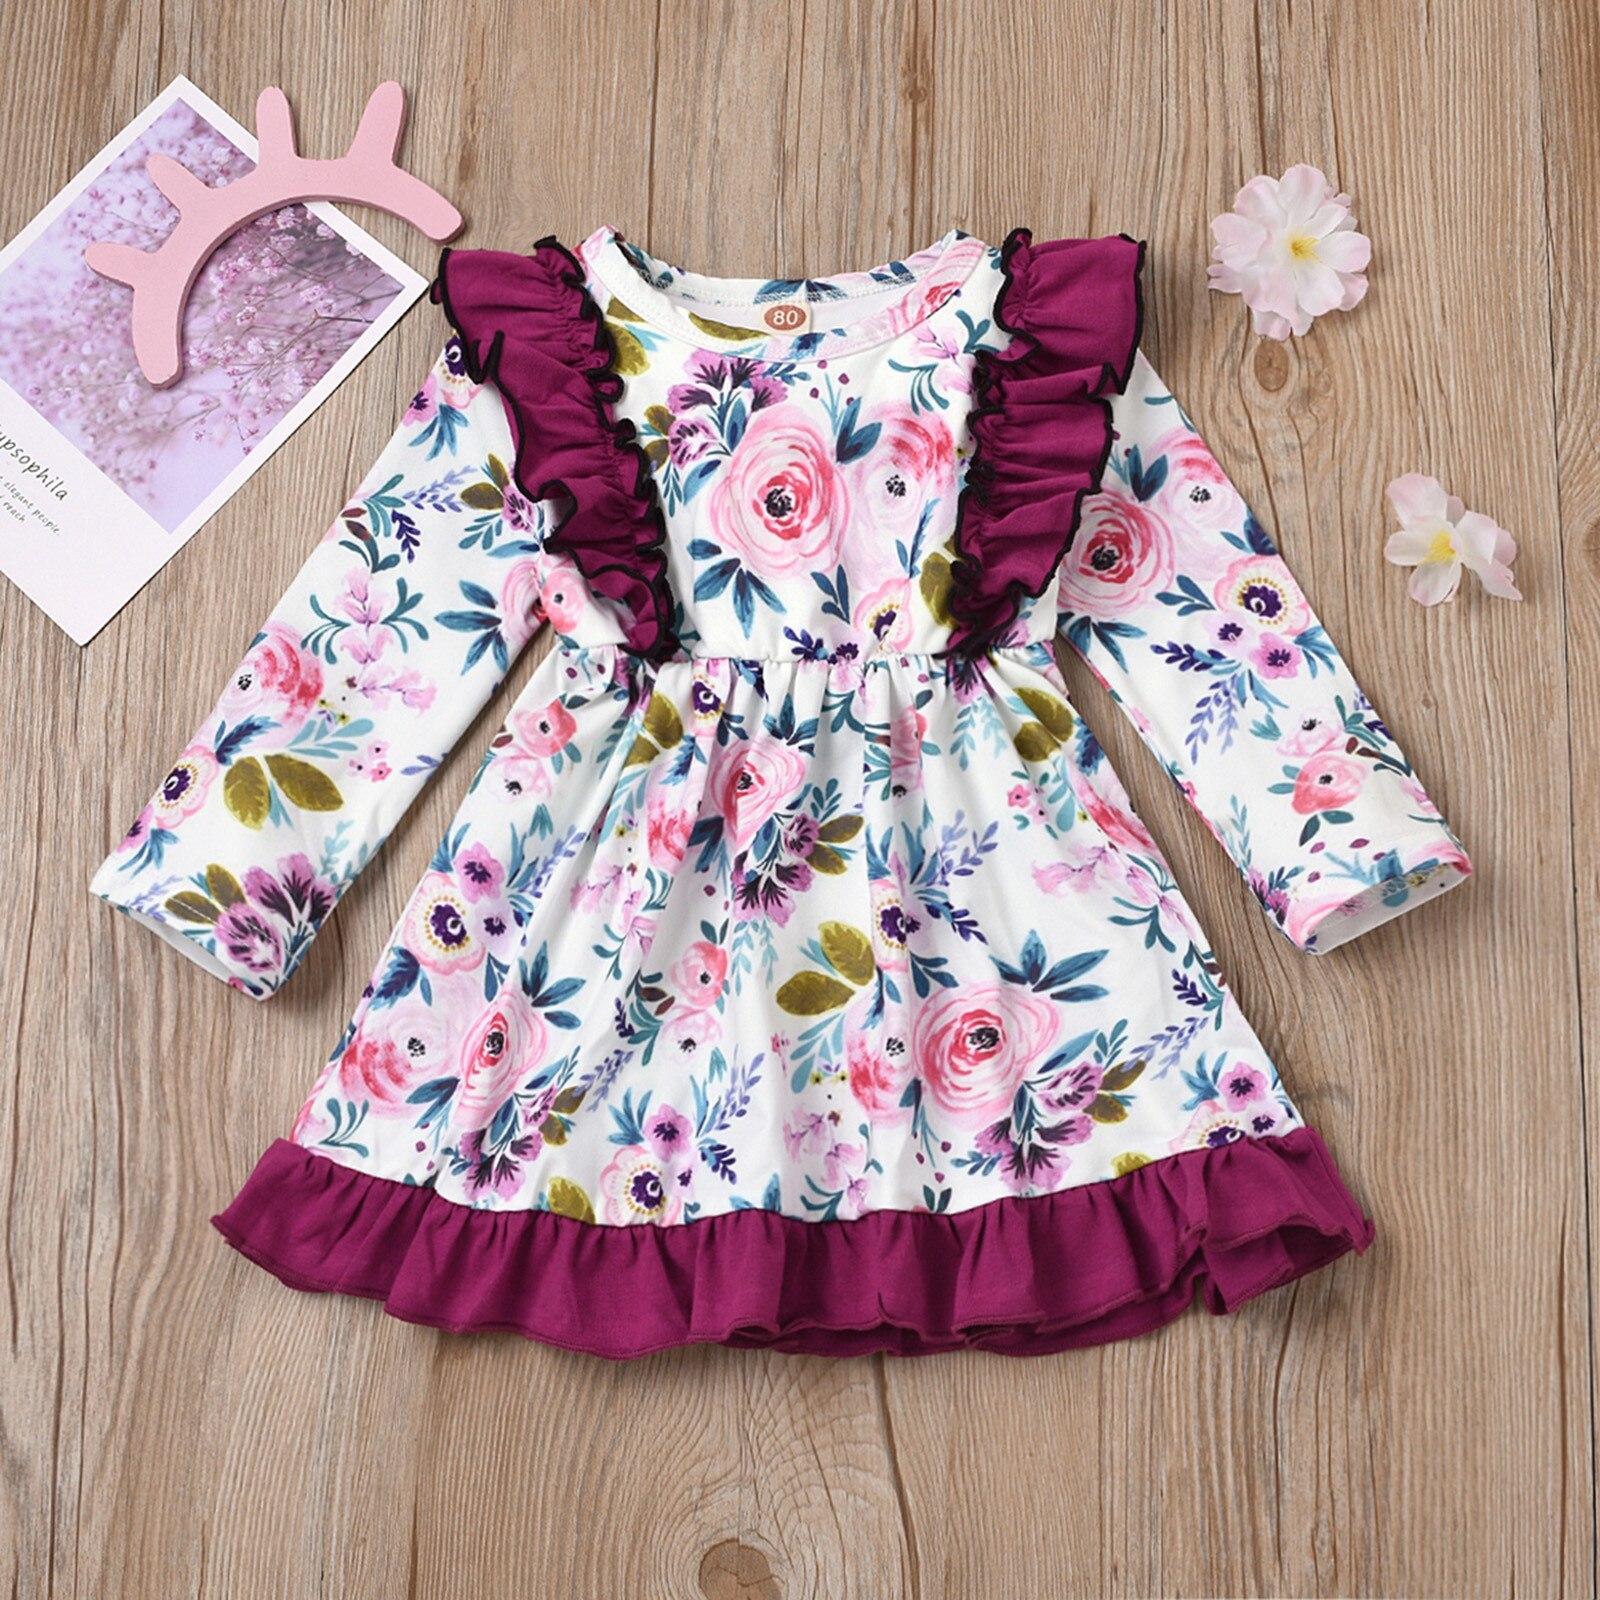 Robe de princesse à volants et fleurs pour bébés filles, vêtements d'hiver à manches volantées, 2021